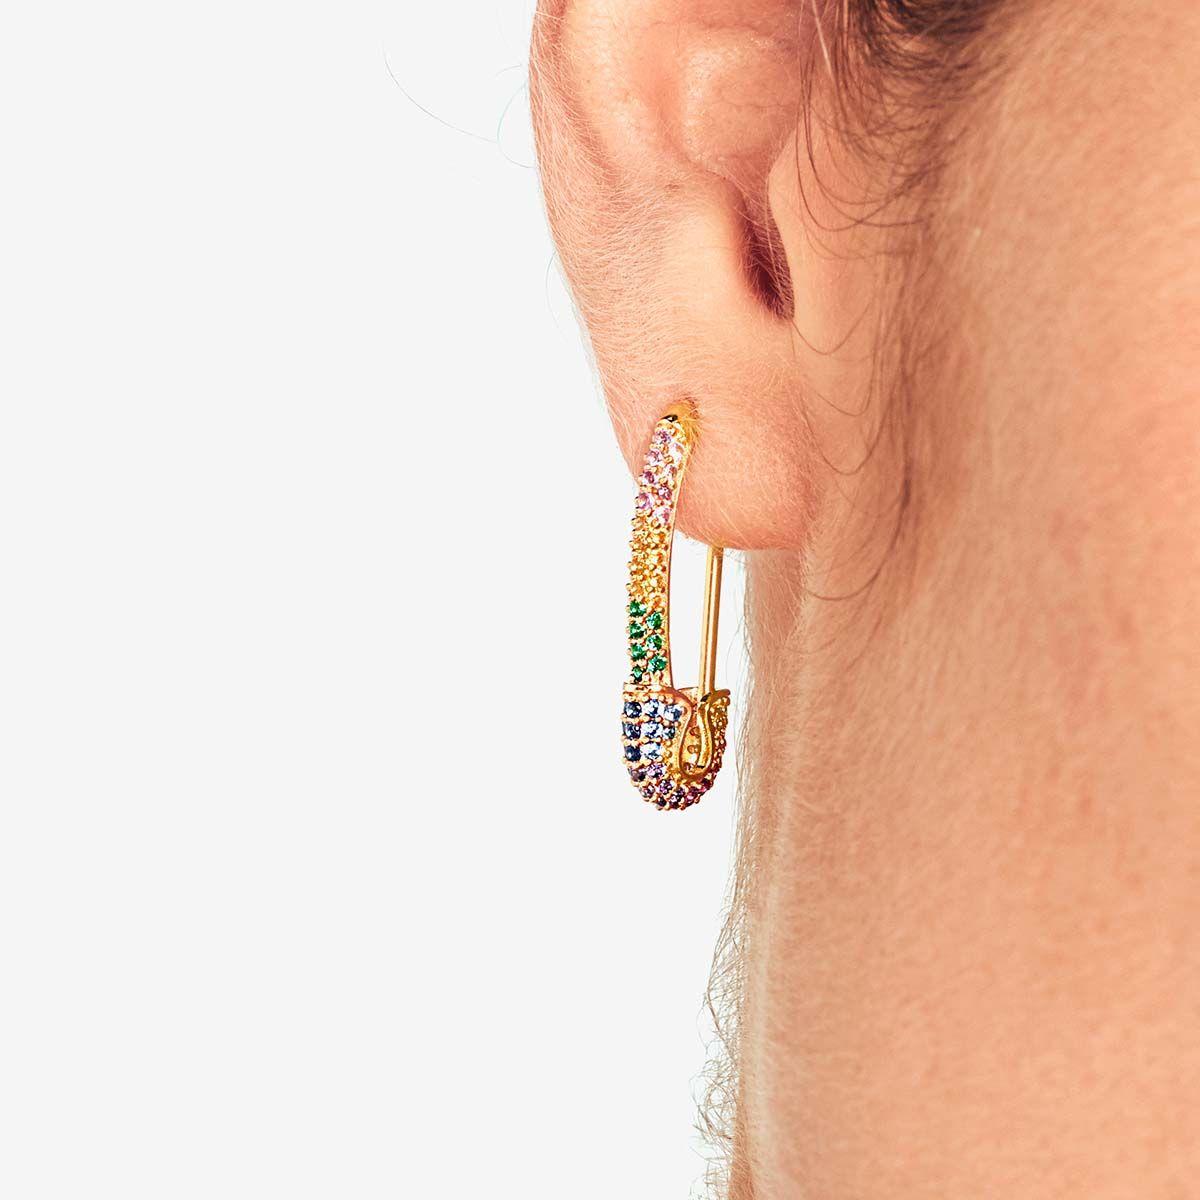 Better Safe than Sorry Rainbow Piercing Gold - Single-Ohrringe - 18k vergoldet